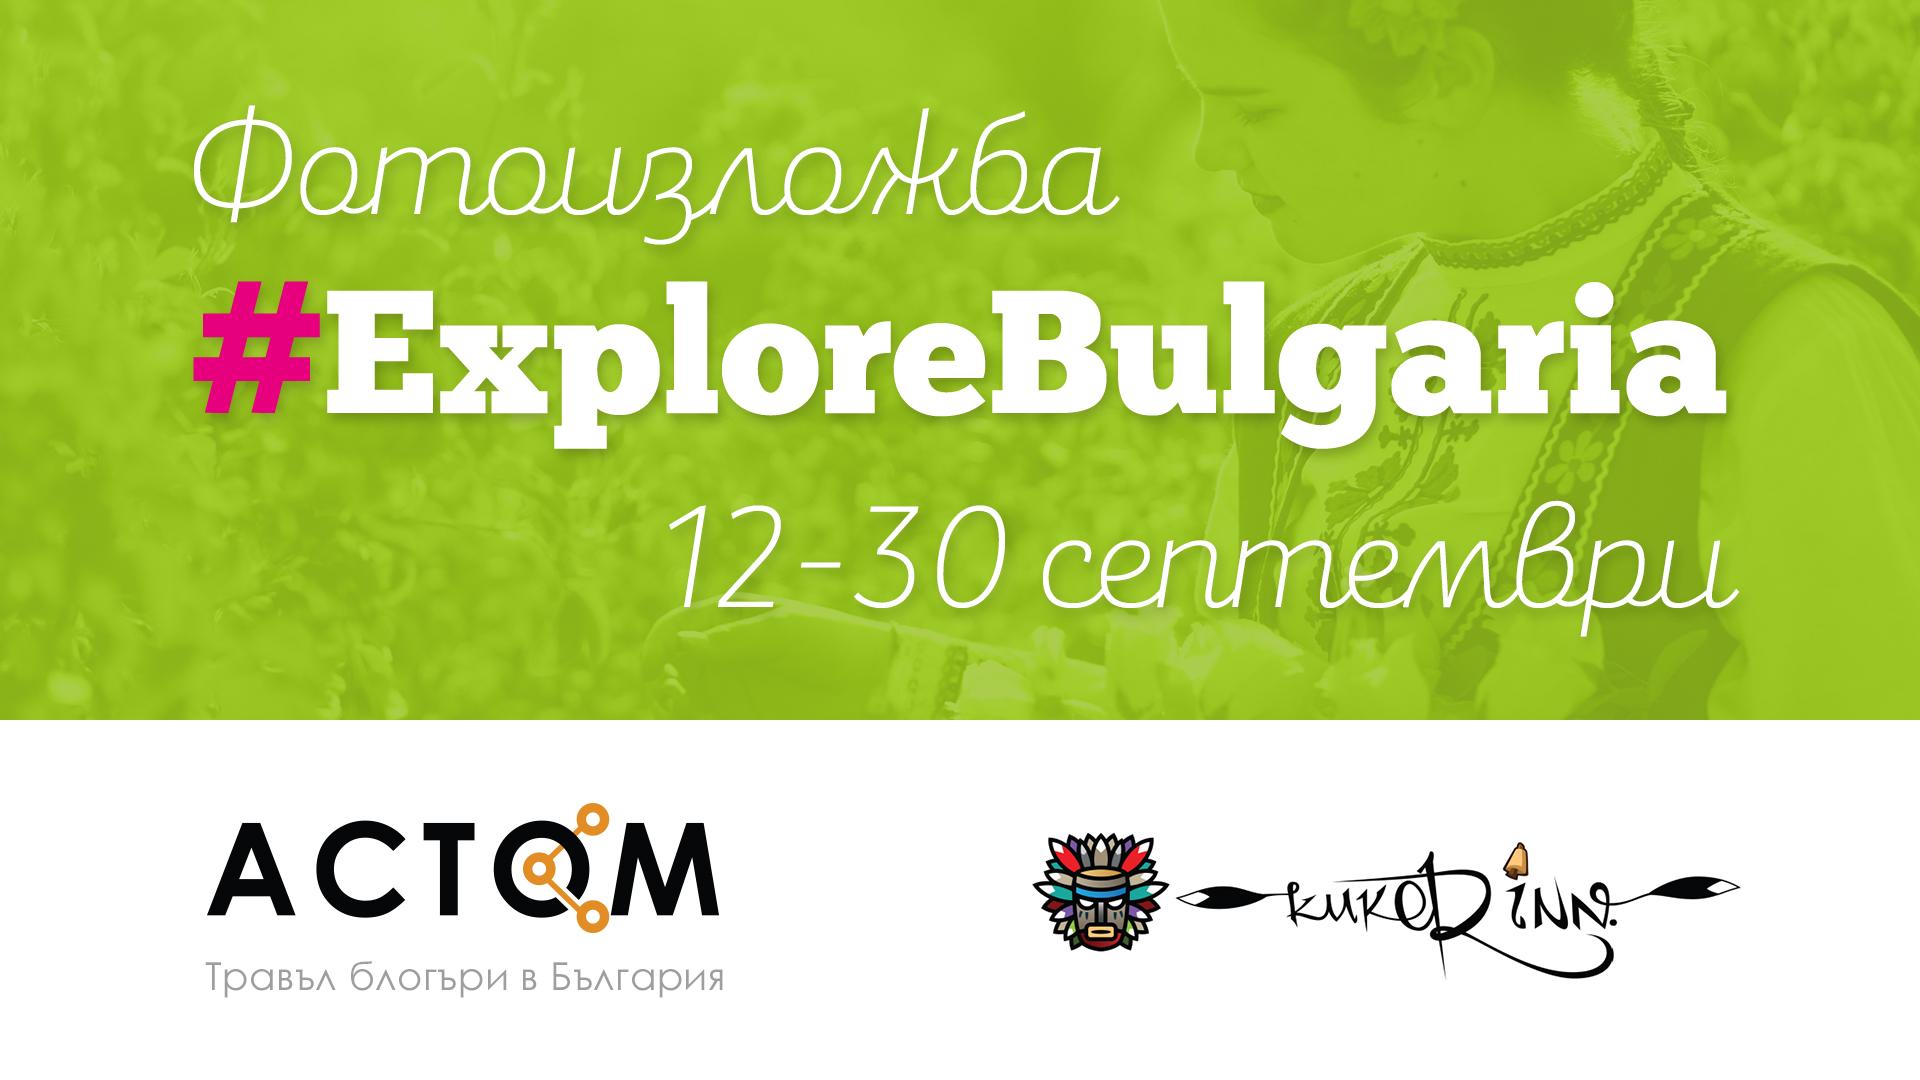 Explore-Bulgaria-1920x1080